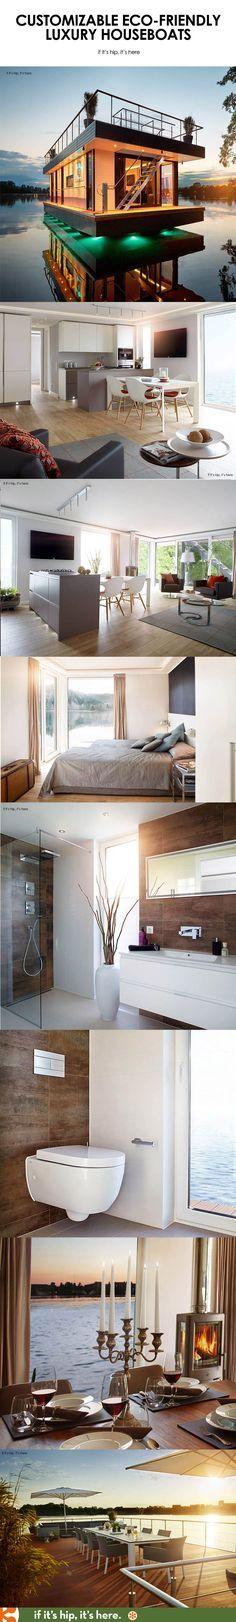 Eco Friendly High End Living That Floats: Rev House Houseboats.   See ·  Floating HomesPontoon BoatsHouseboatsEco ...